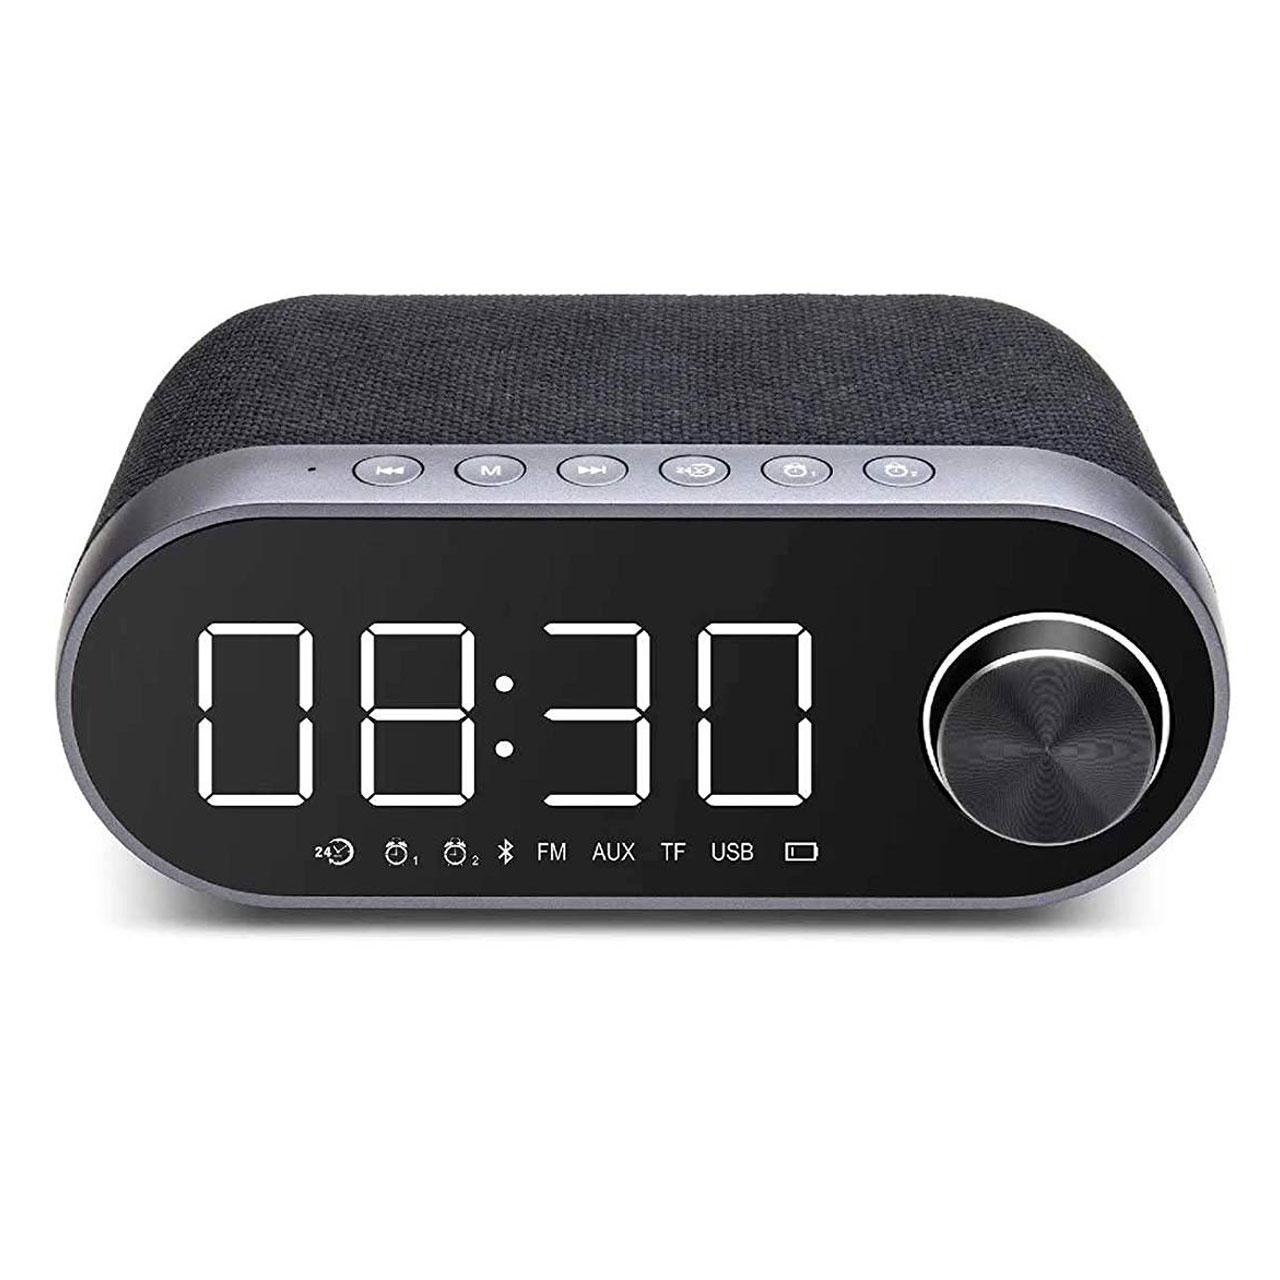 خرید ساعت رومیزی موزیک اپولو مدل A1